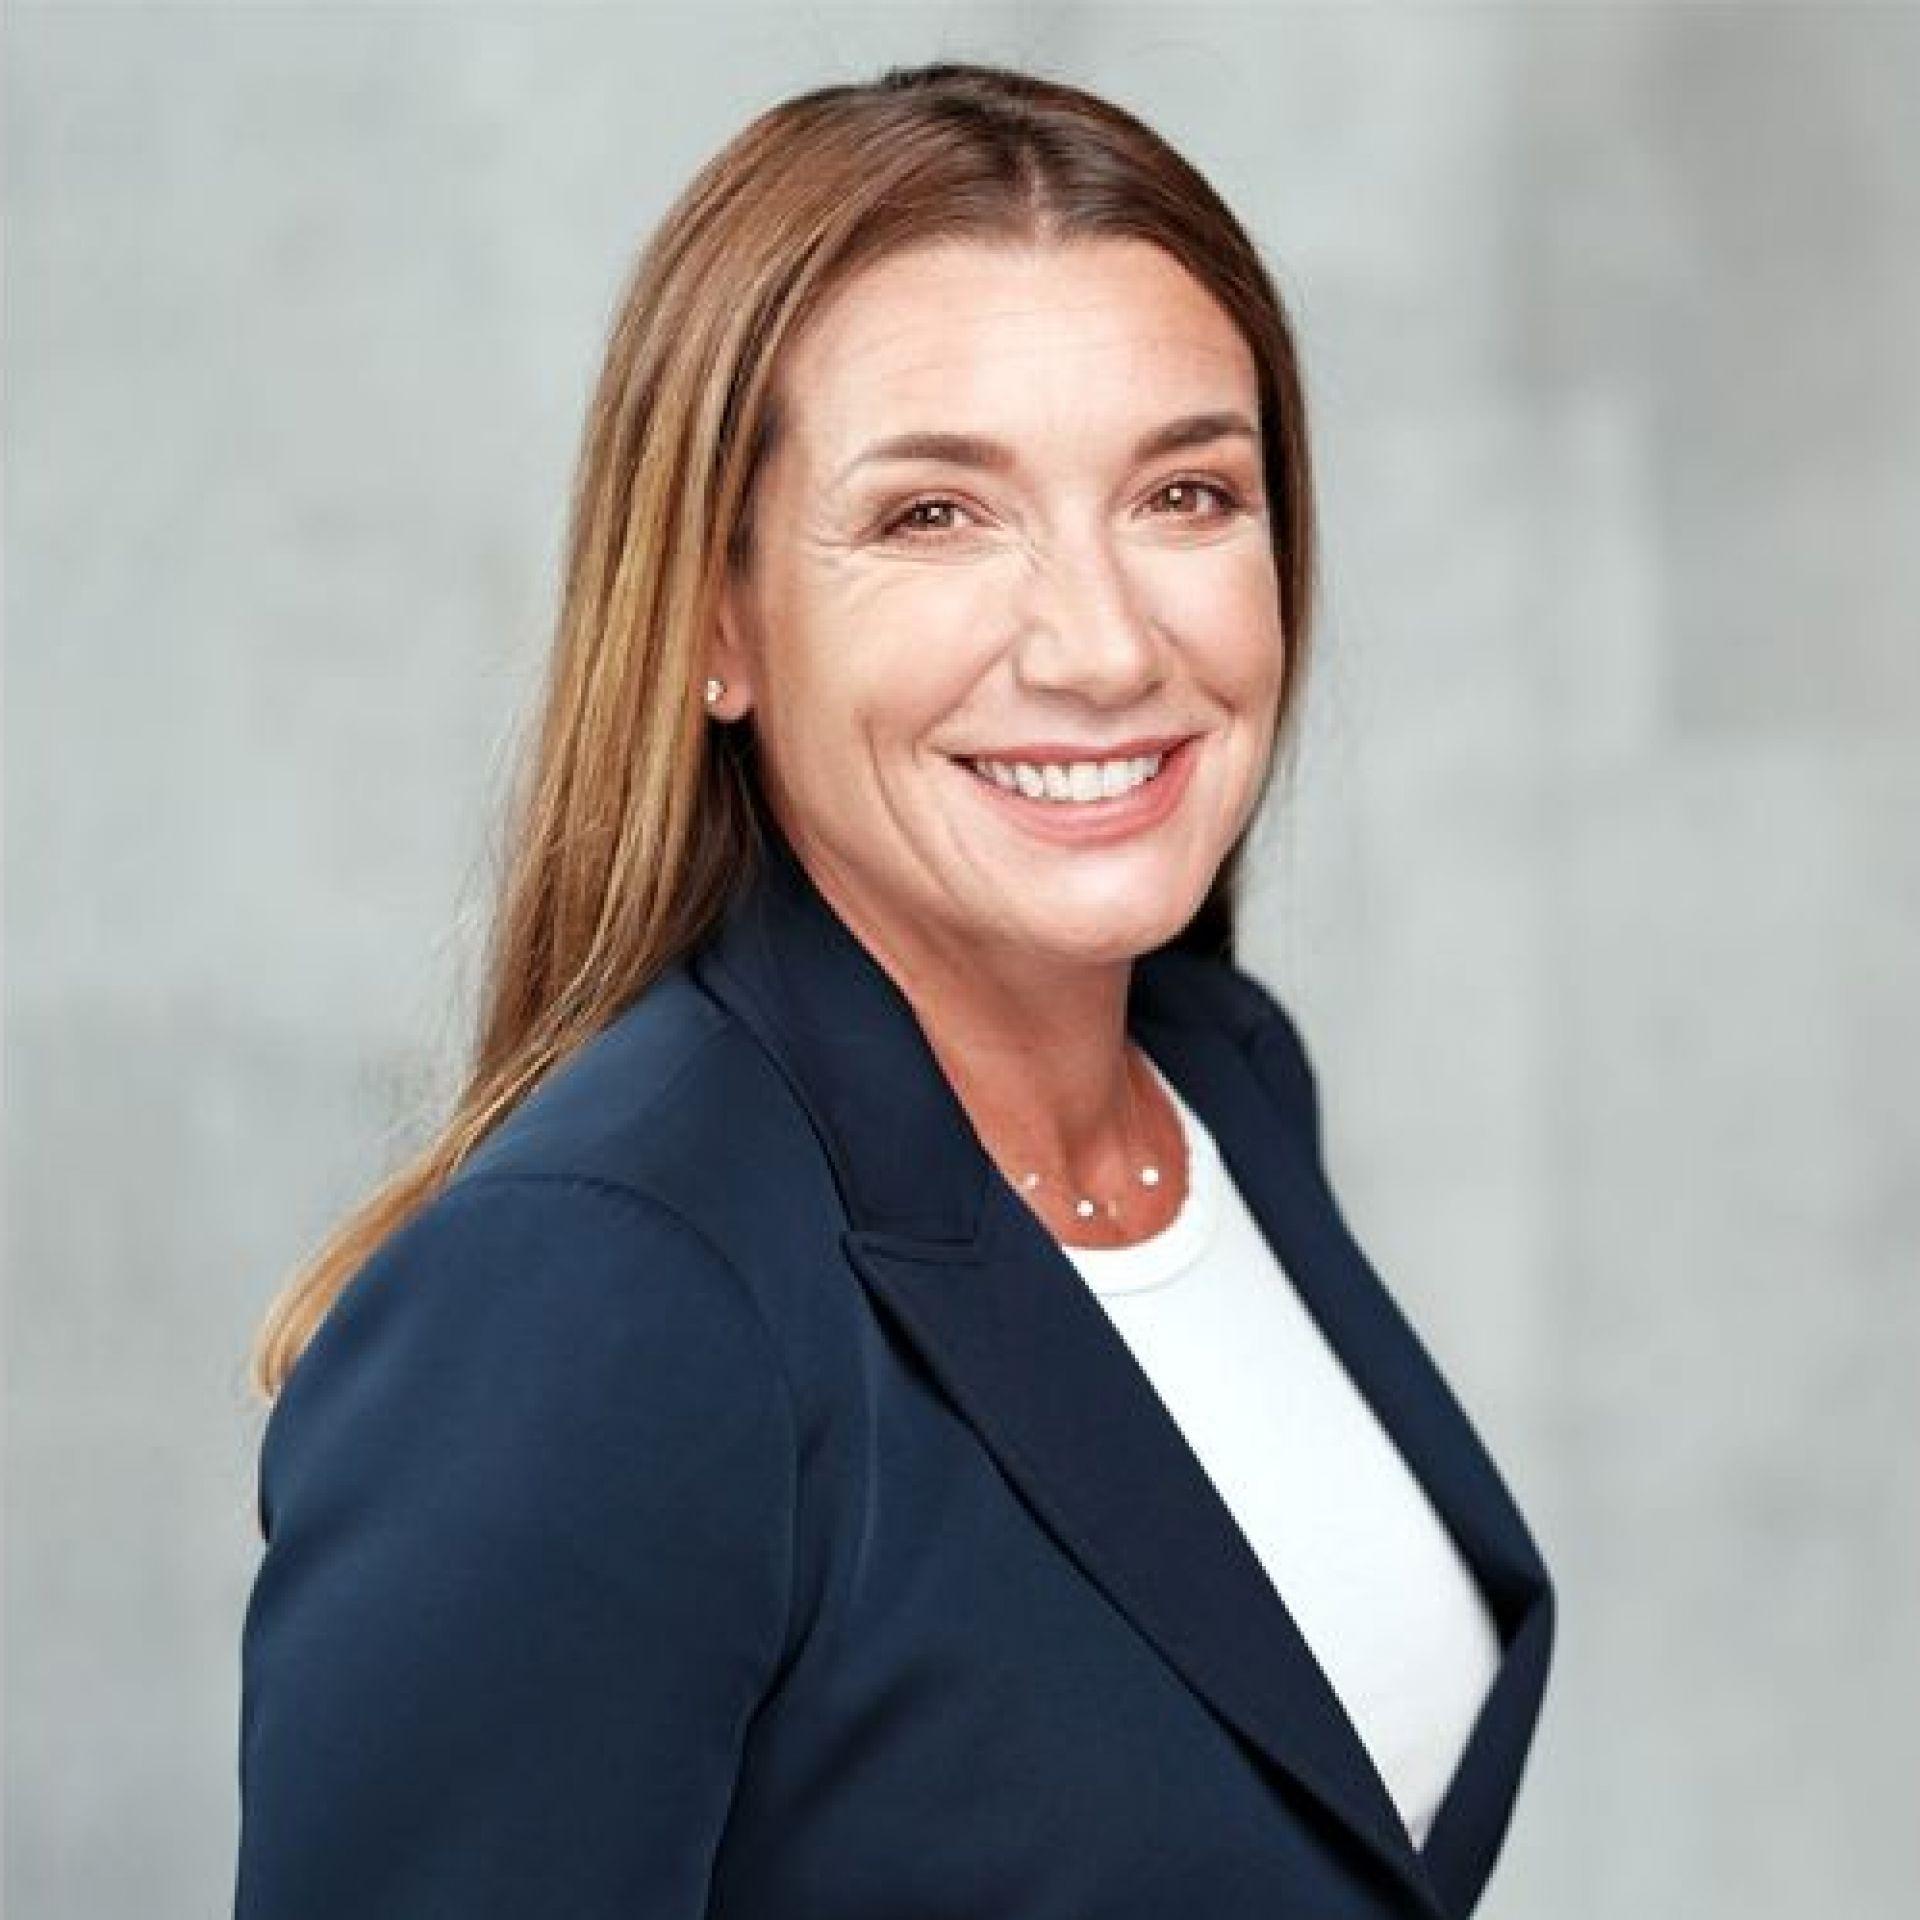 Barbara Beltrame